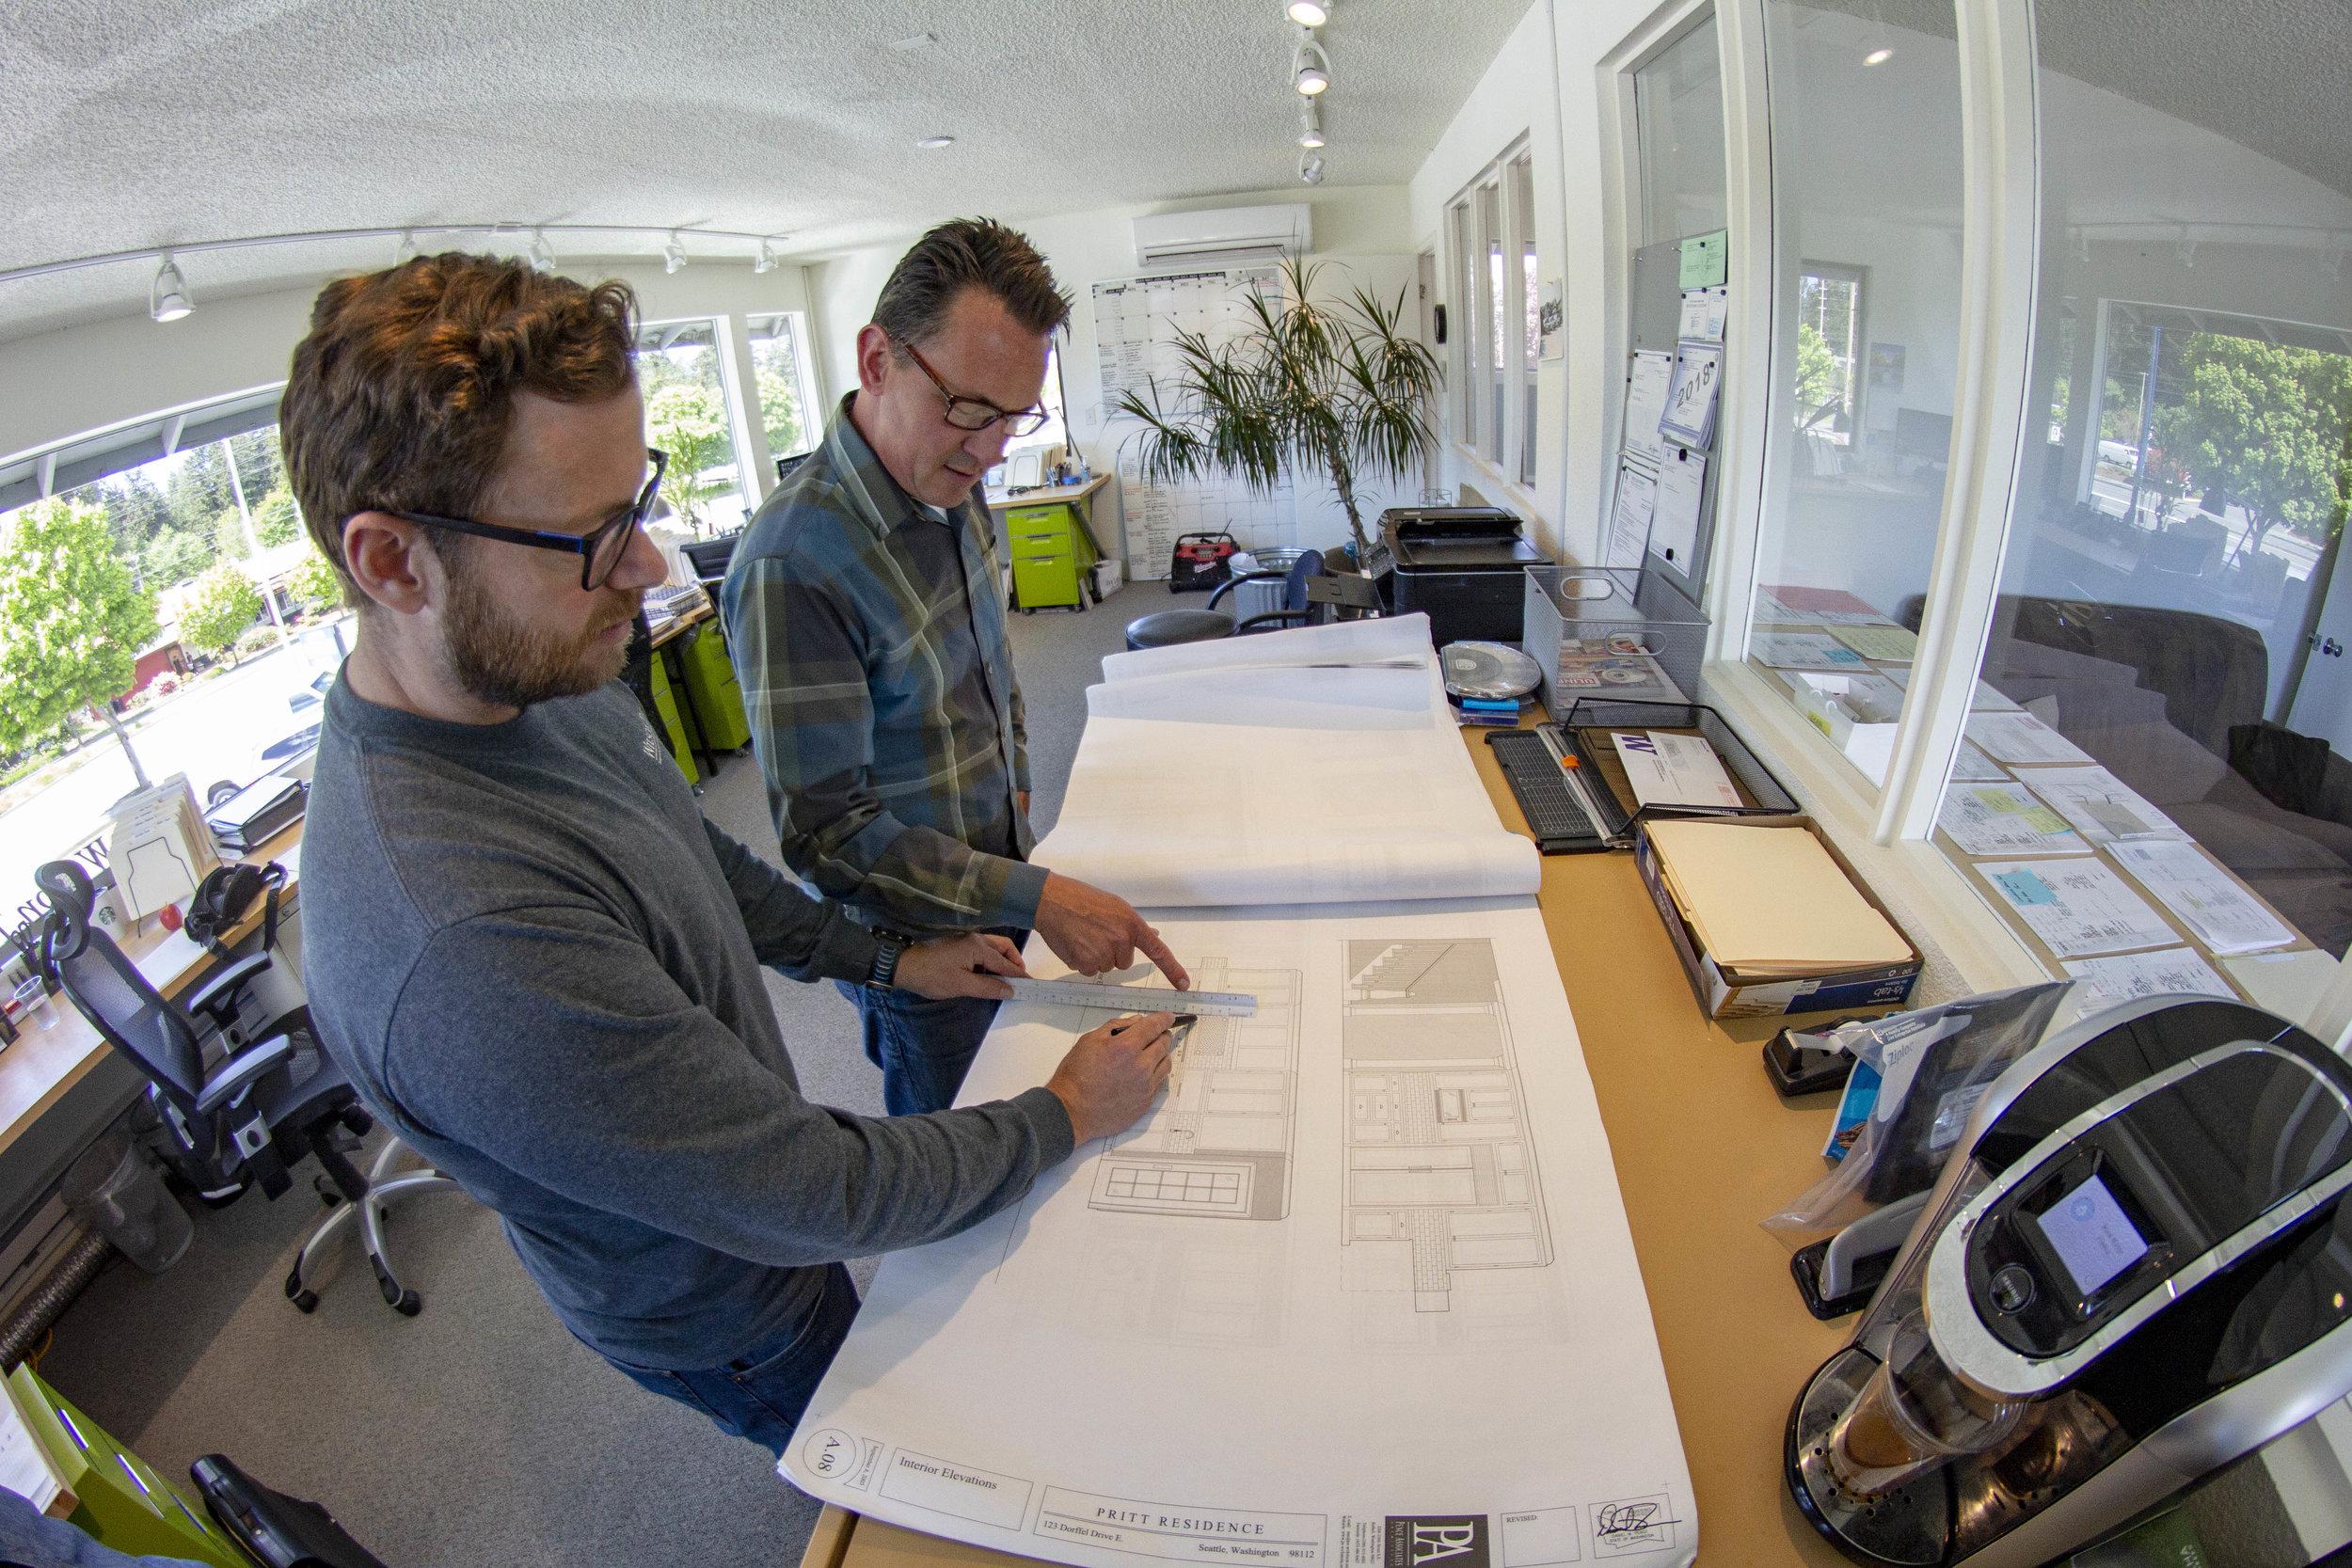 Darren and Sean looking over blueprints in office.jpg